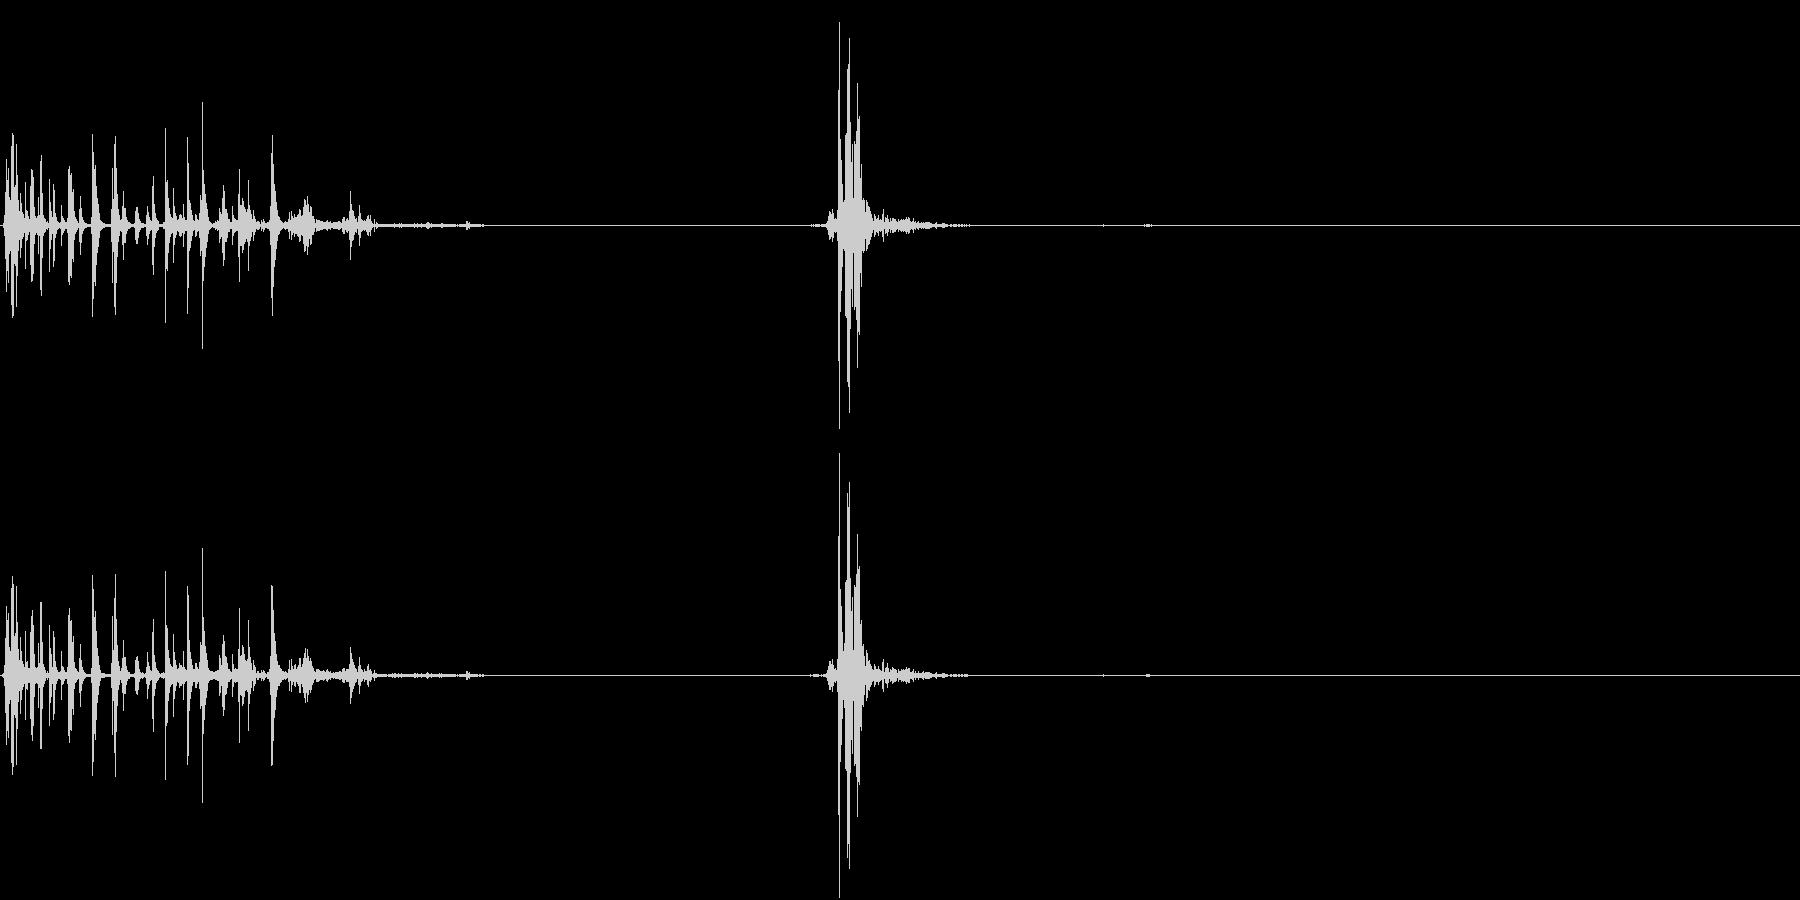 【生録音】ジュポッっと開封・開栓する音の未再生の波形